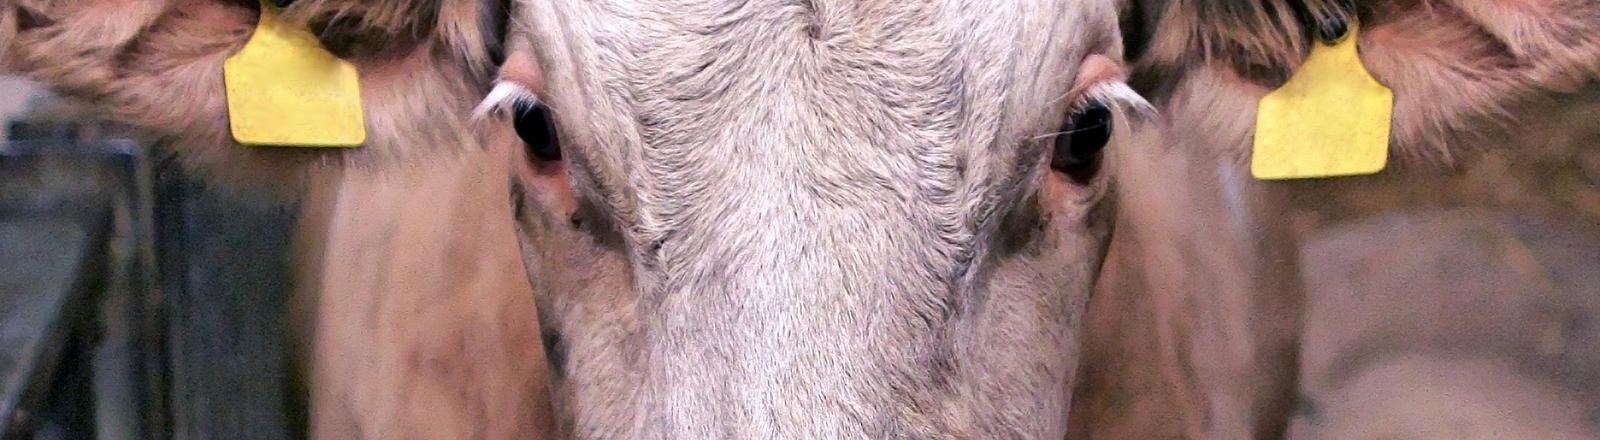 Auge in Auge mit  der Kuh.